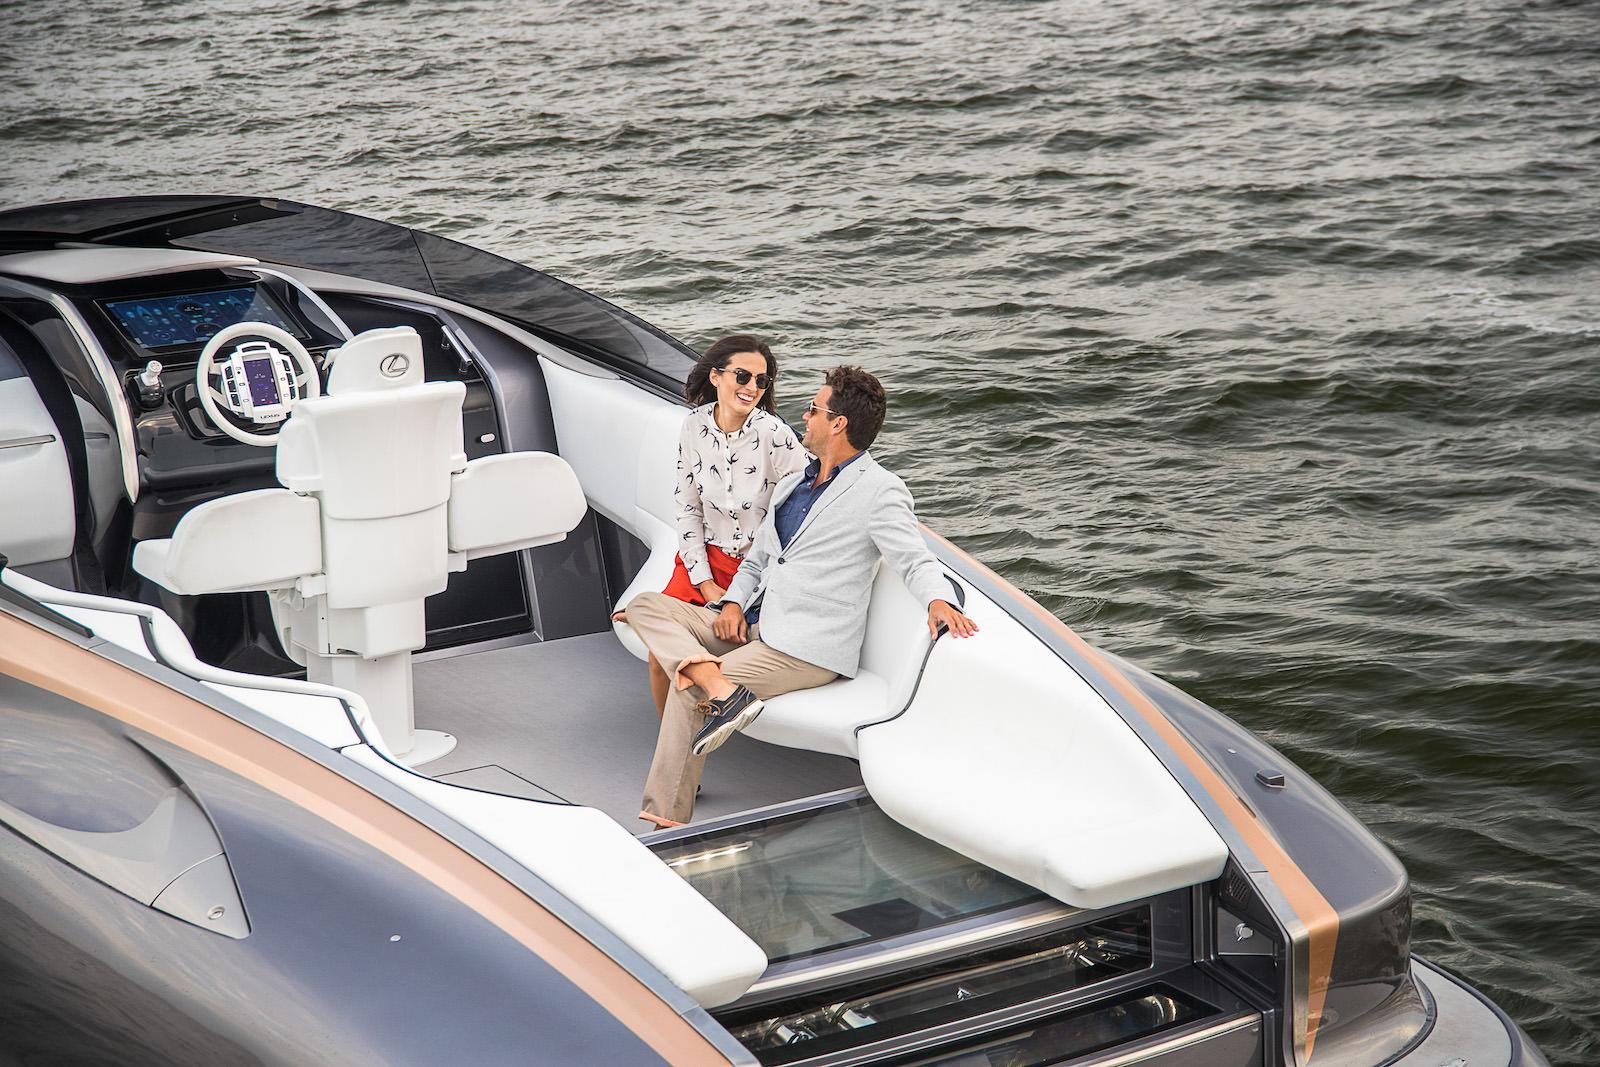 Lexus_Sport_Yacht_concept_8_1DB865AEEDFE2820B2CF8BABA3B038AC7FE08585-1